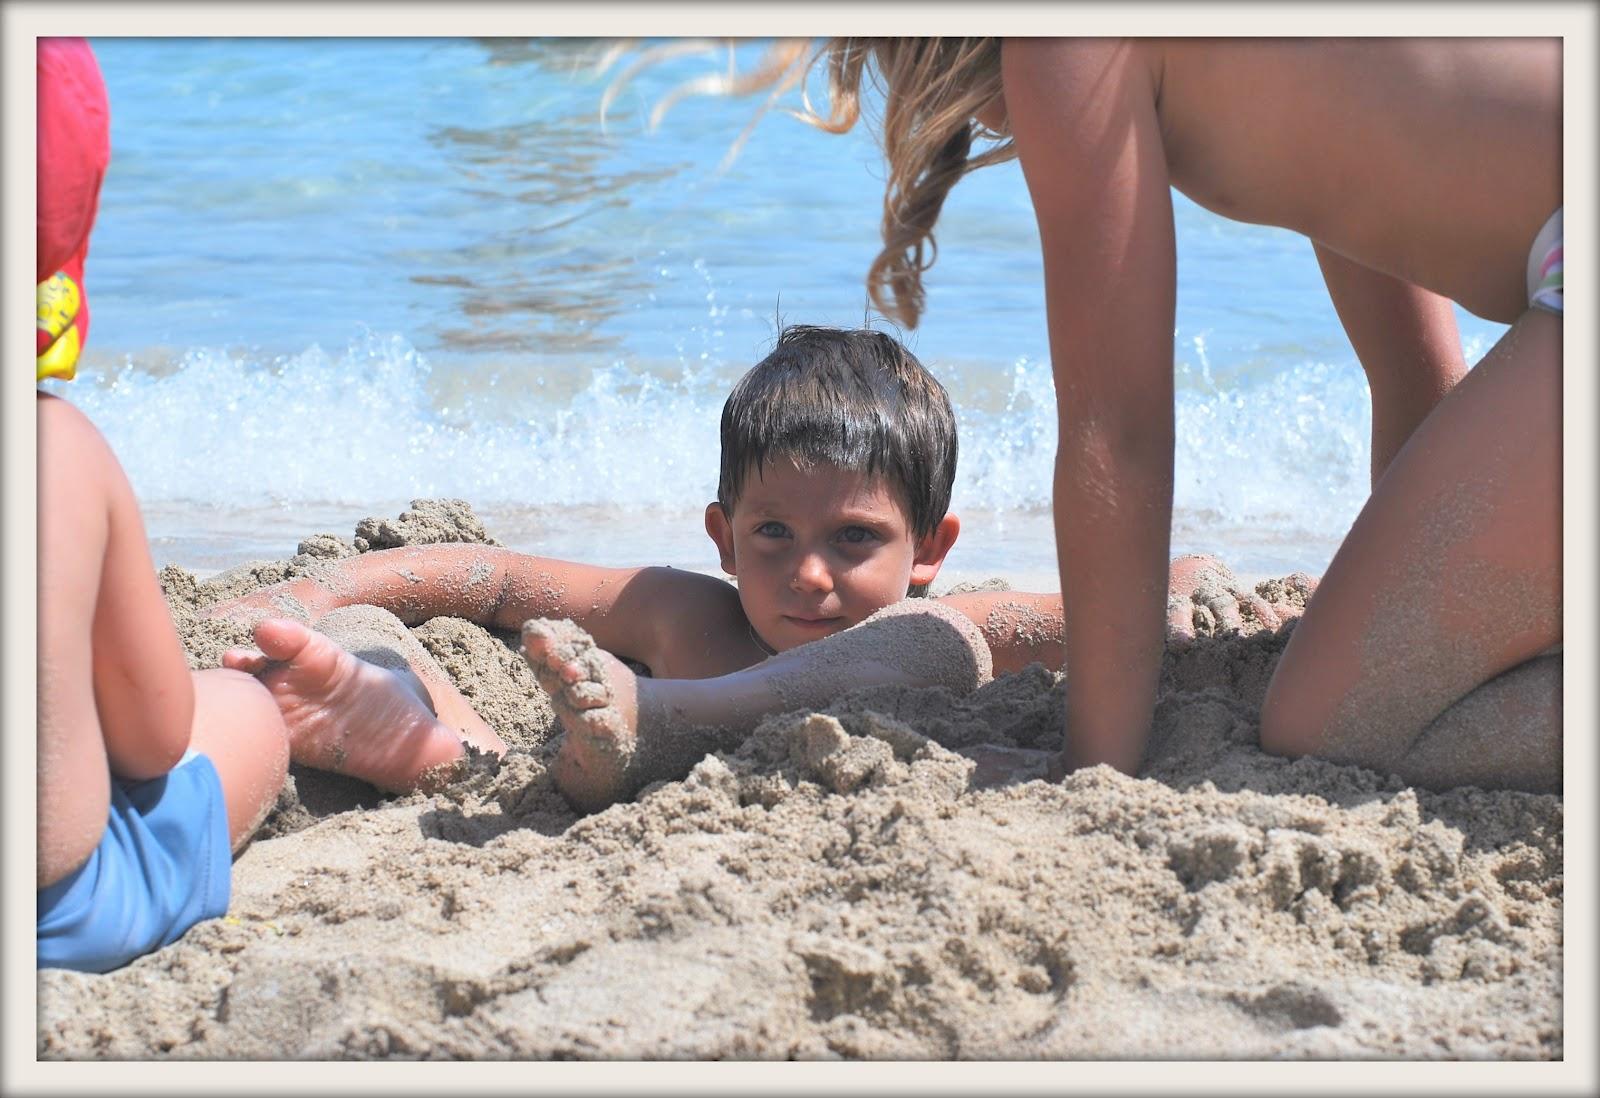 Фото на море без одежды 3 фотография